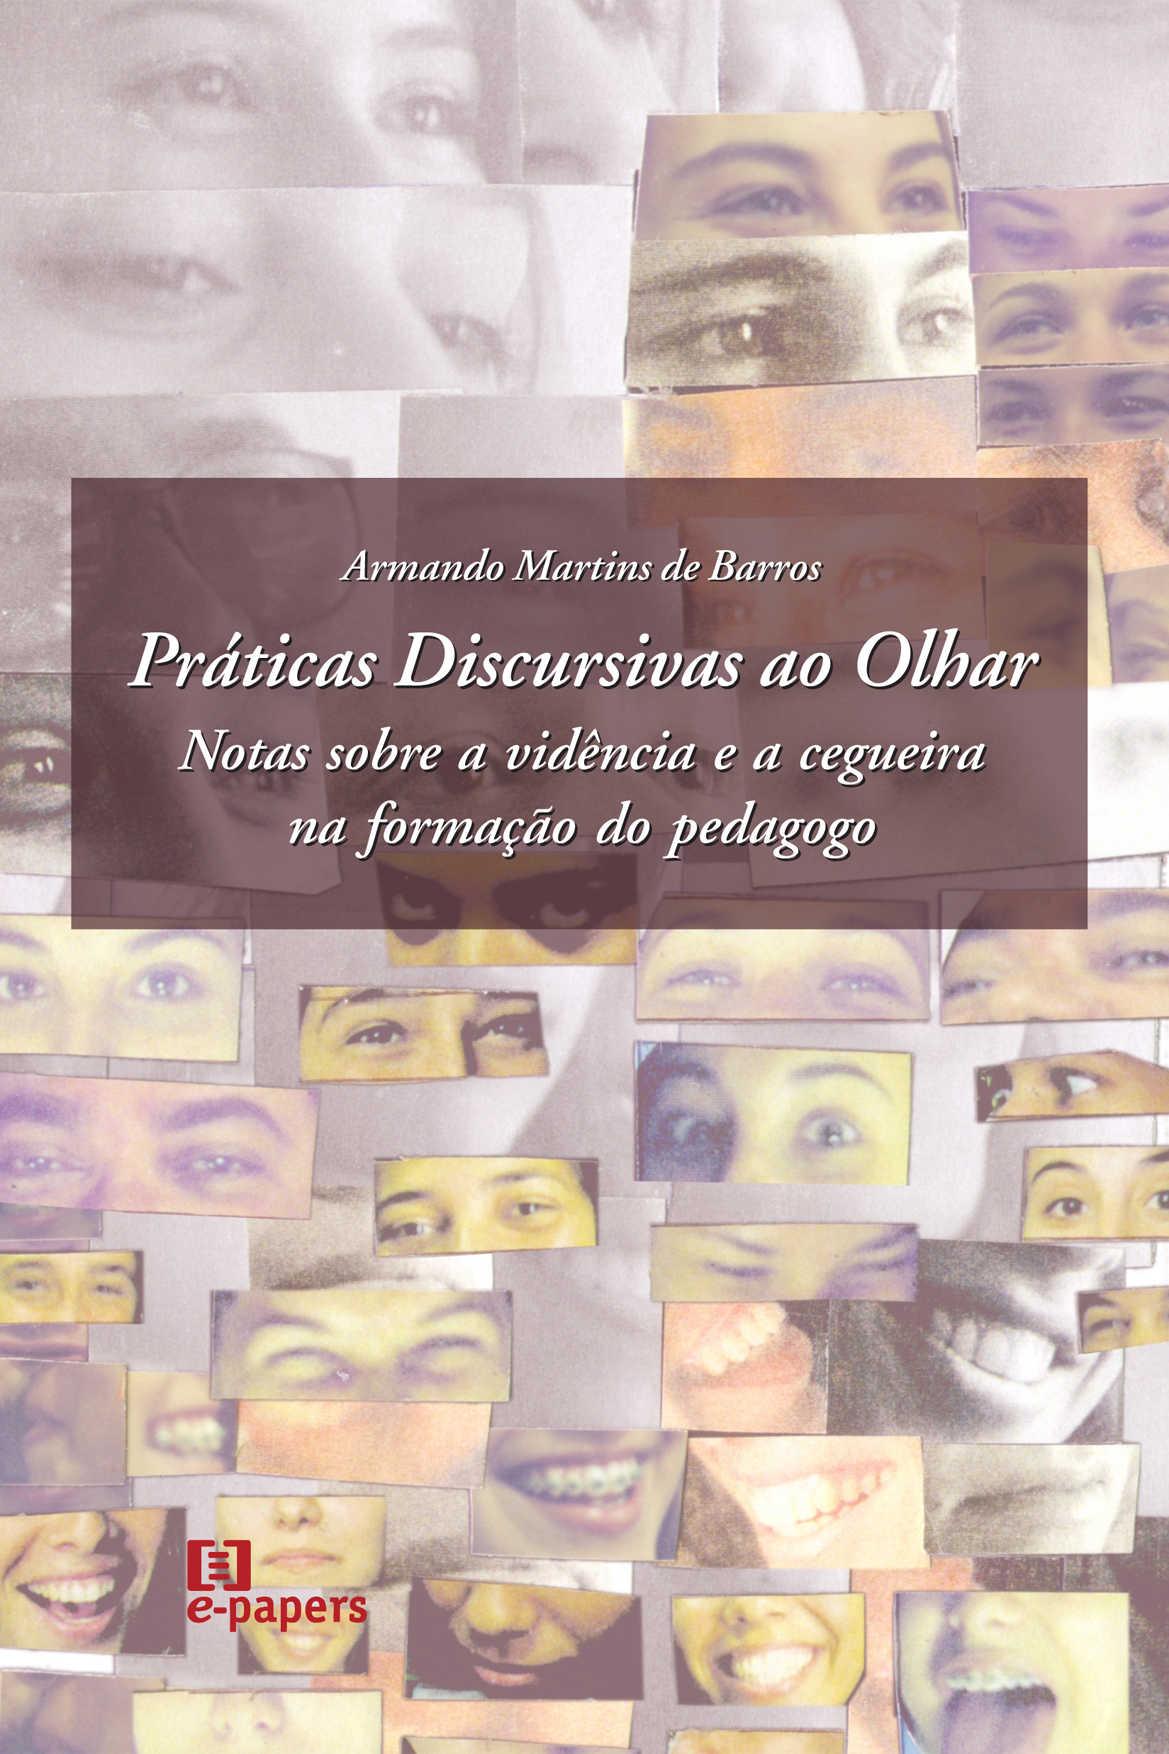 Práticas Discursivas ao Olhar: Notas sobre a vidência e a cegueira na formação do pedagogo